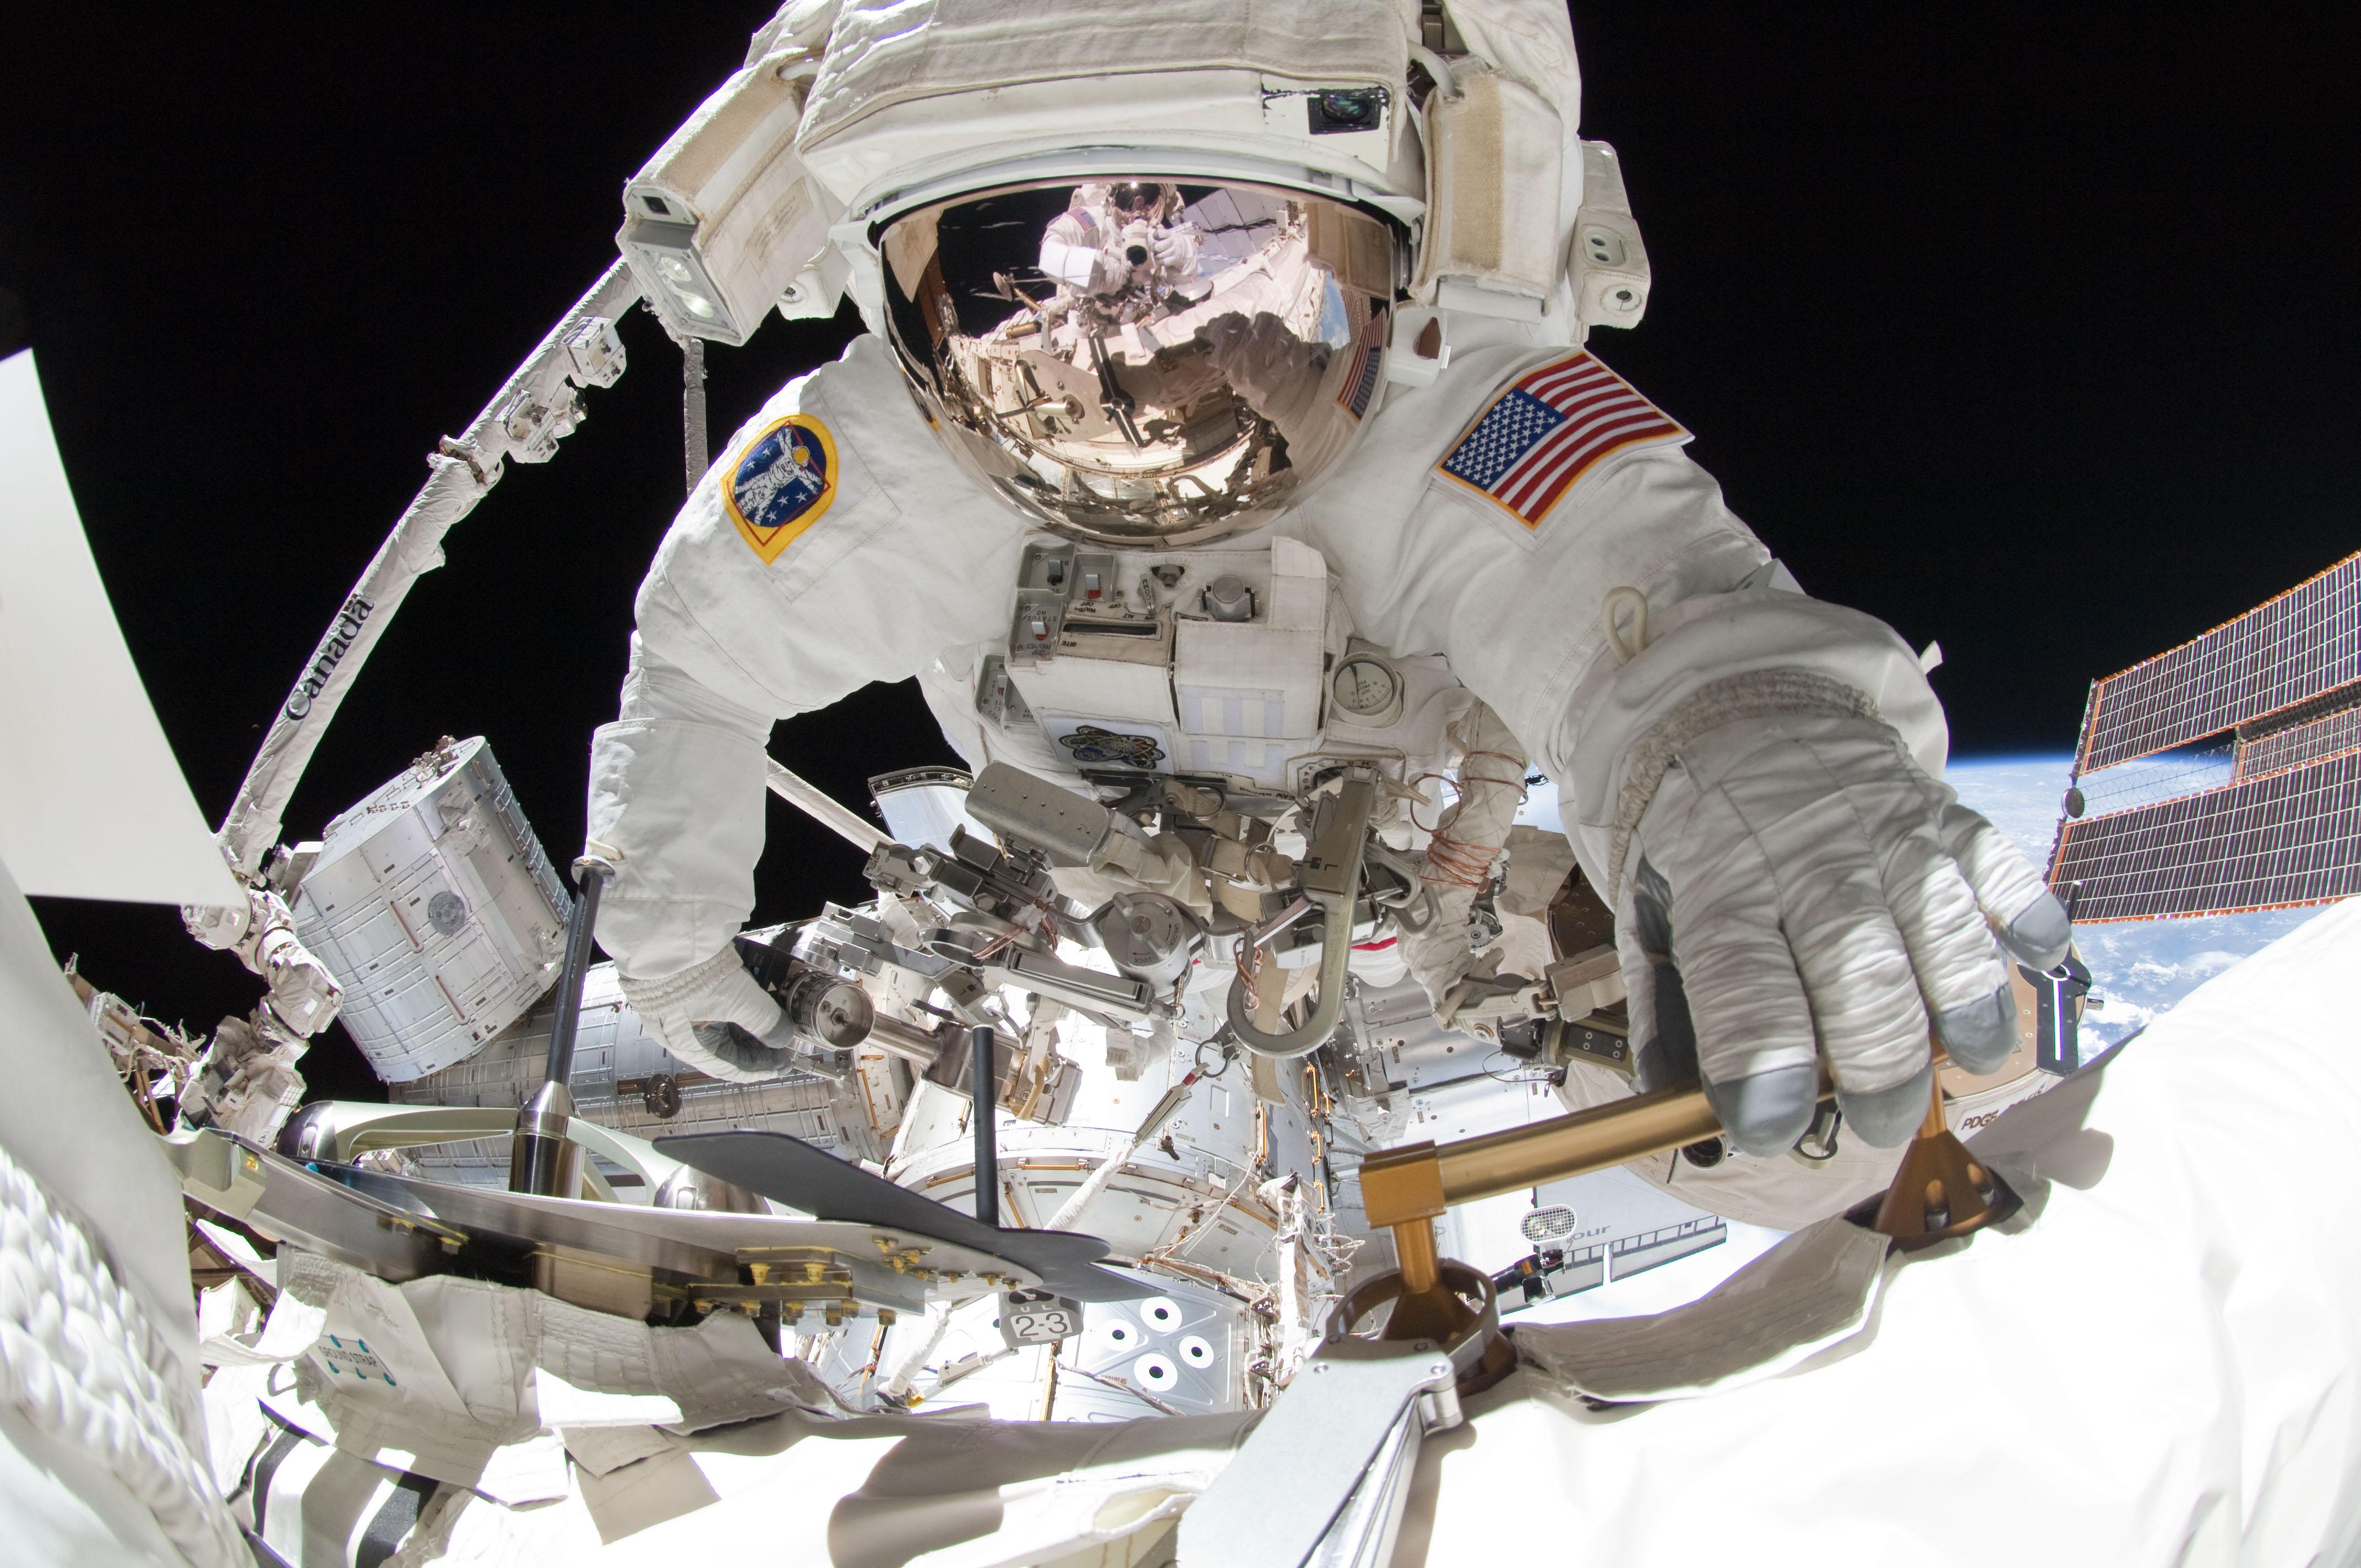 Contingency Spacewalk Planned Next Week, But Dragon Must ...